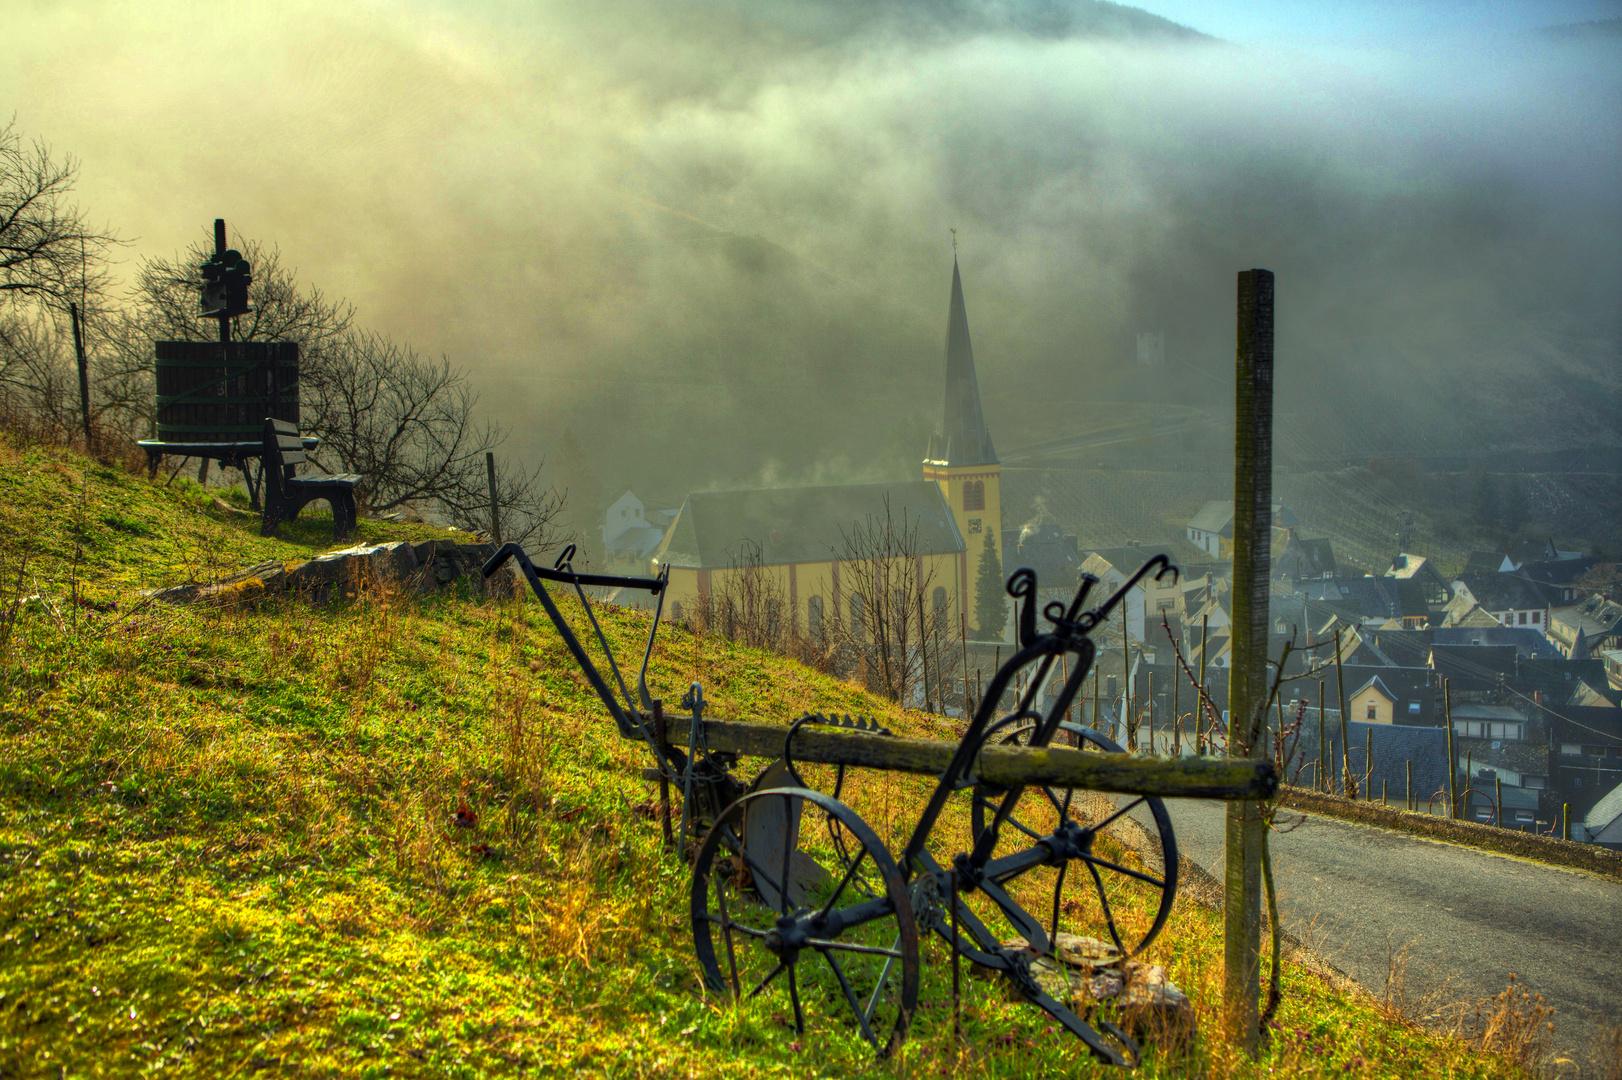 Frühlingsmorgen mit Sonnenschein in Senheim